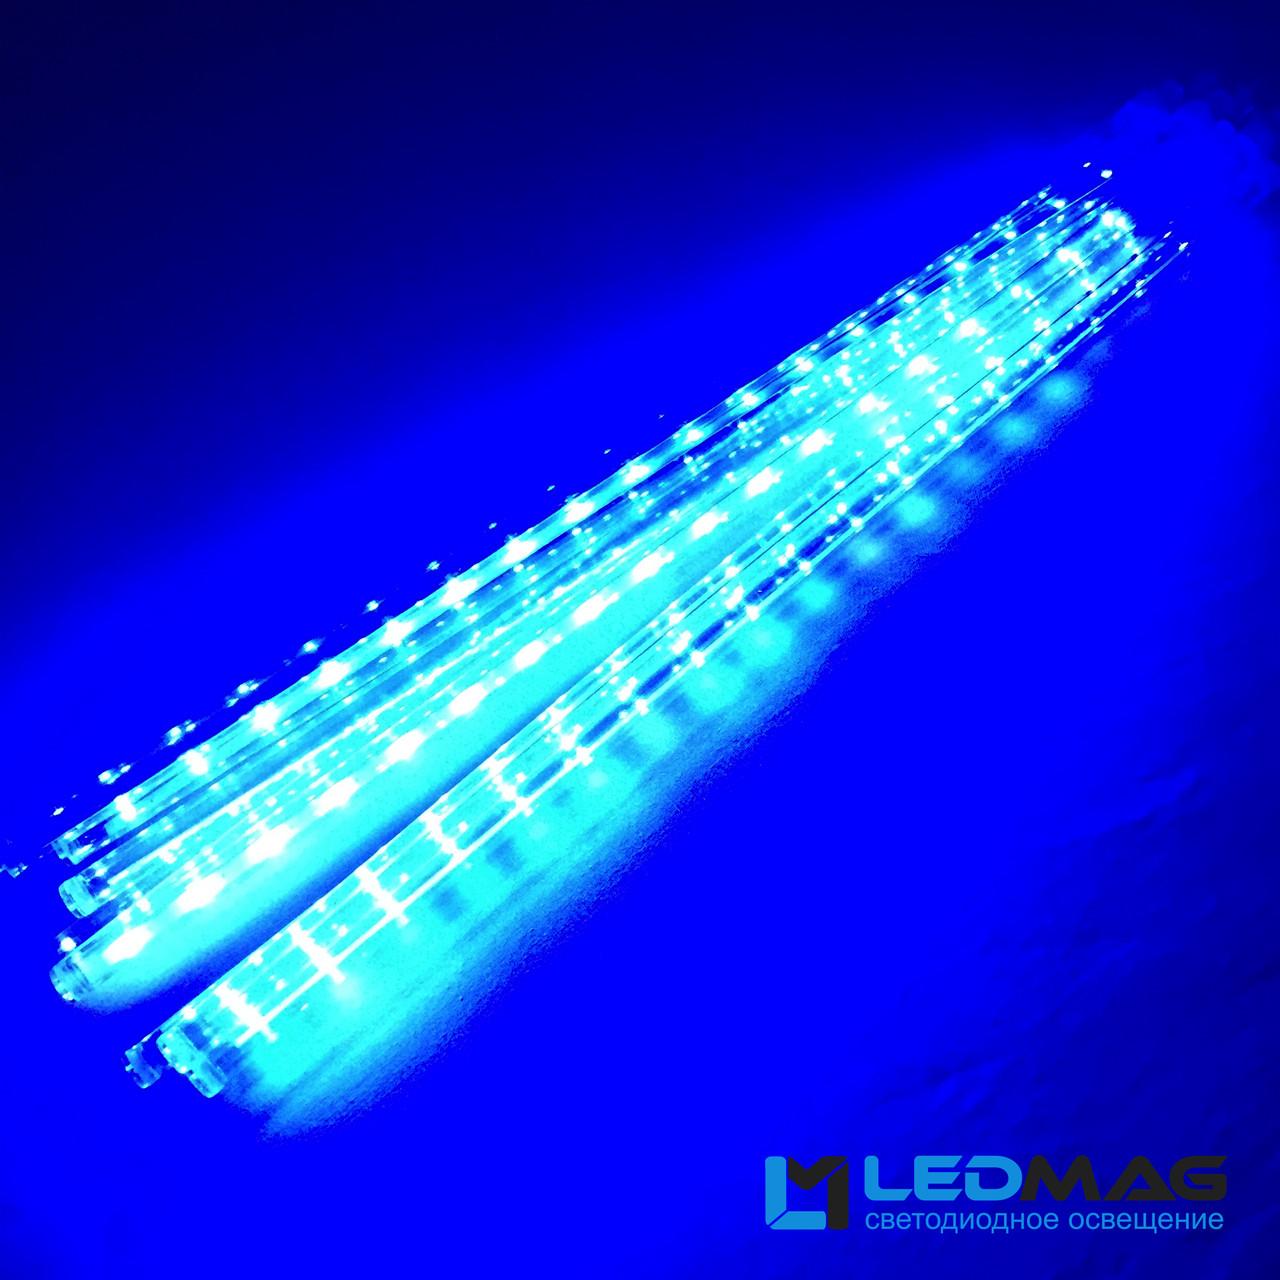 Светодиодная гирлянда Падающая капля (тающая сосулька), 8шт*50см, 3м 288 LED, ПВХ Синий